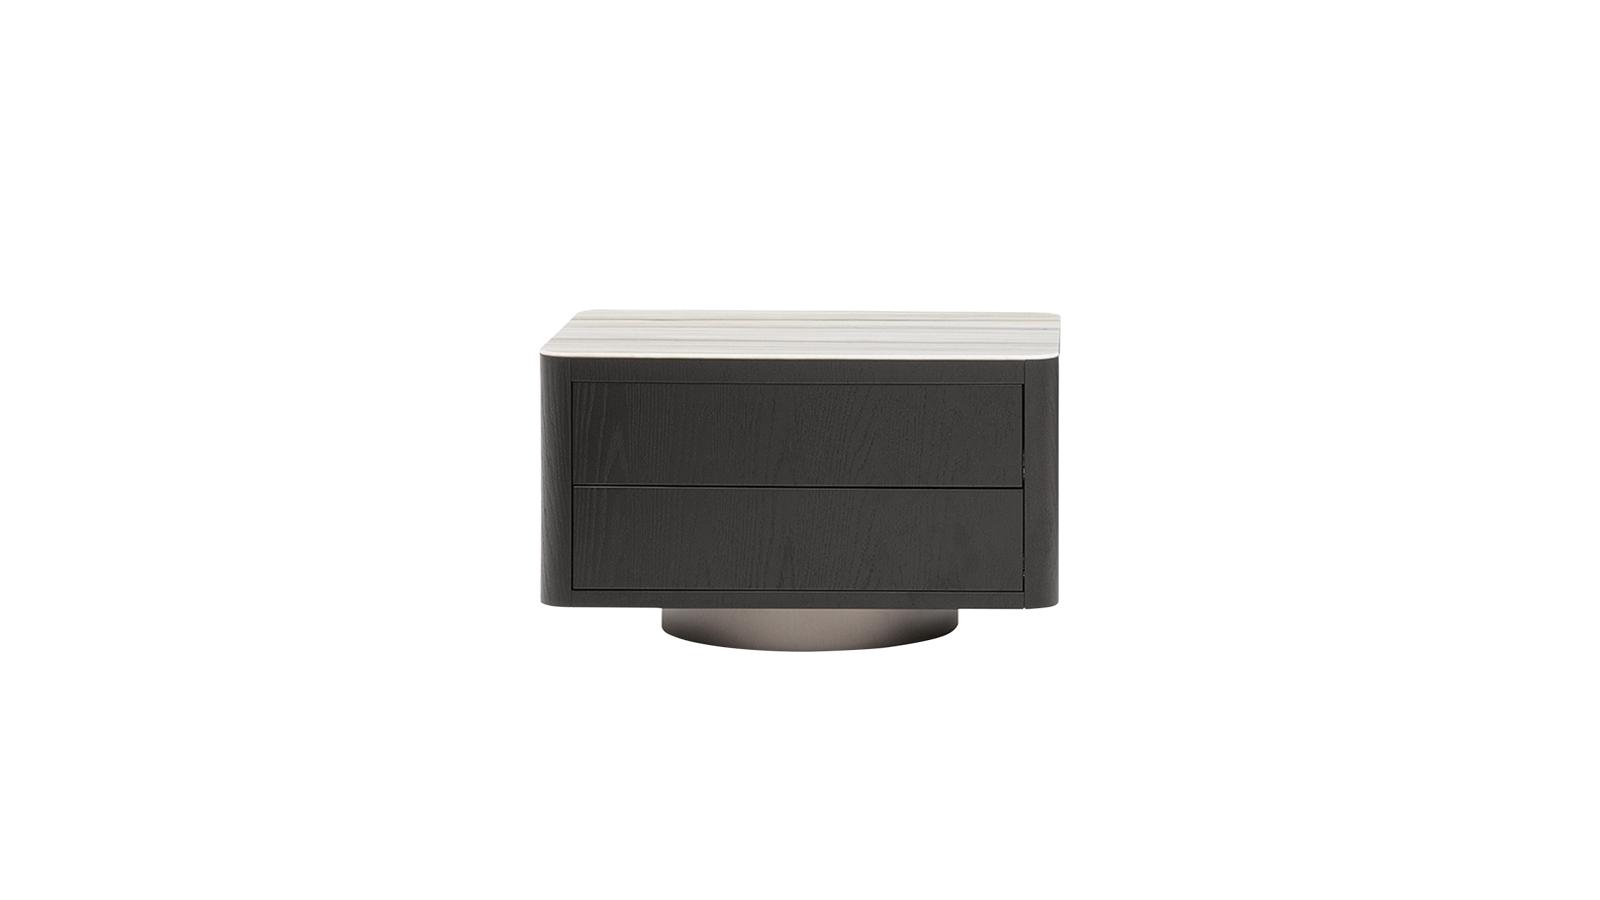 A Milton éjjeli szekrény nem tolakodik be használója életterébe: alacsony kialakításának köszönhetően egy kellemes, dekoratív, eközben mindvégig praktikus használati tárgyként lép működésbe a hálószobában. A 70-es évek vonalai sejlenek fel a bútorban kortárs átiratban, a nemes anyagok és a geometrikus rend összjátékával. Letisztult, elegáns darab. Zárt és nyitott verzióban is kapható: fiókokkal, vagy anélkül, már a Code Showroom kínálatában is!